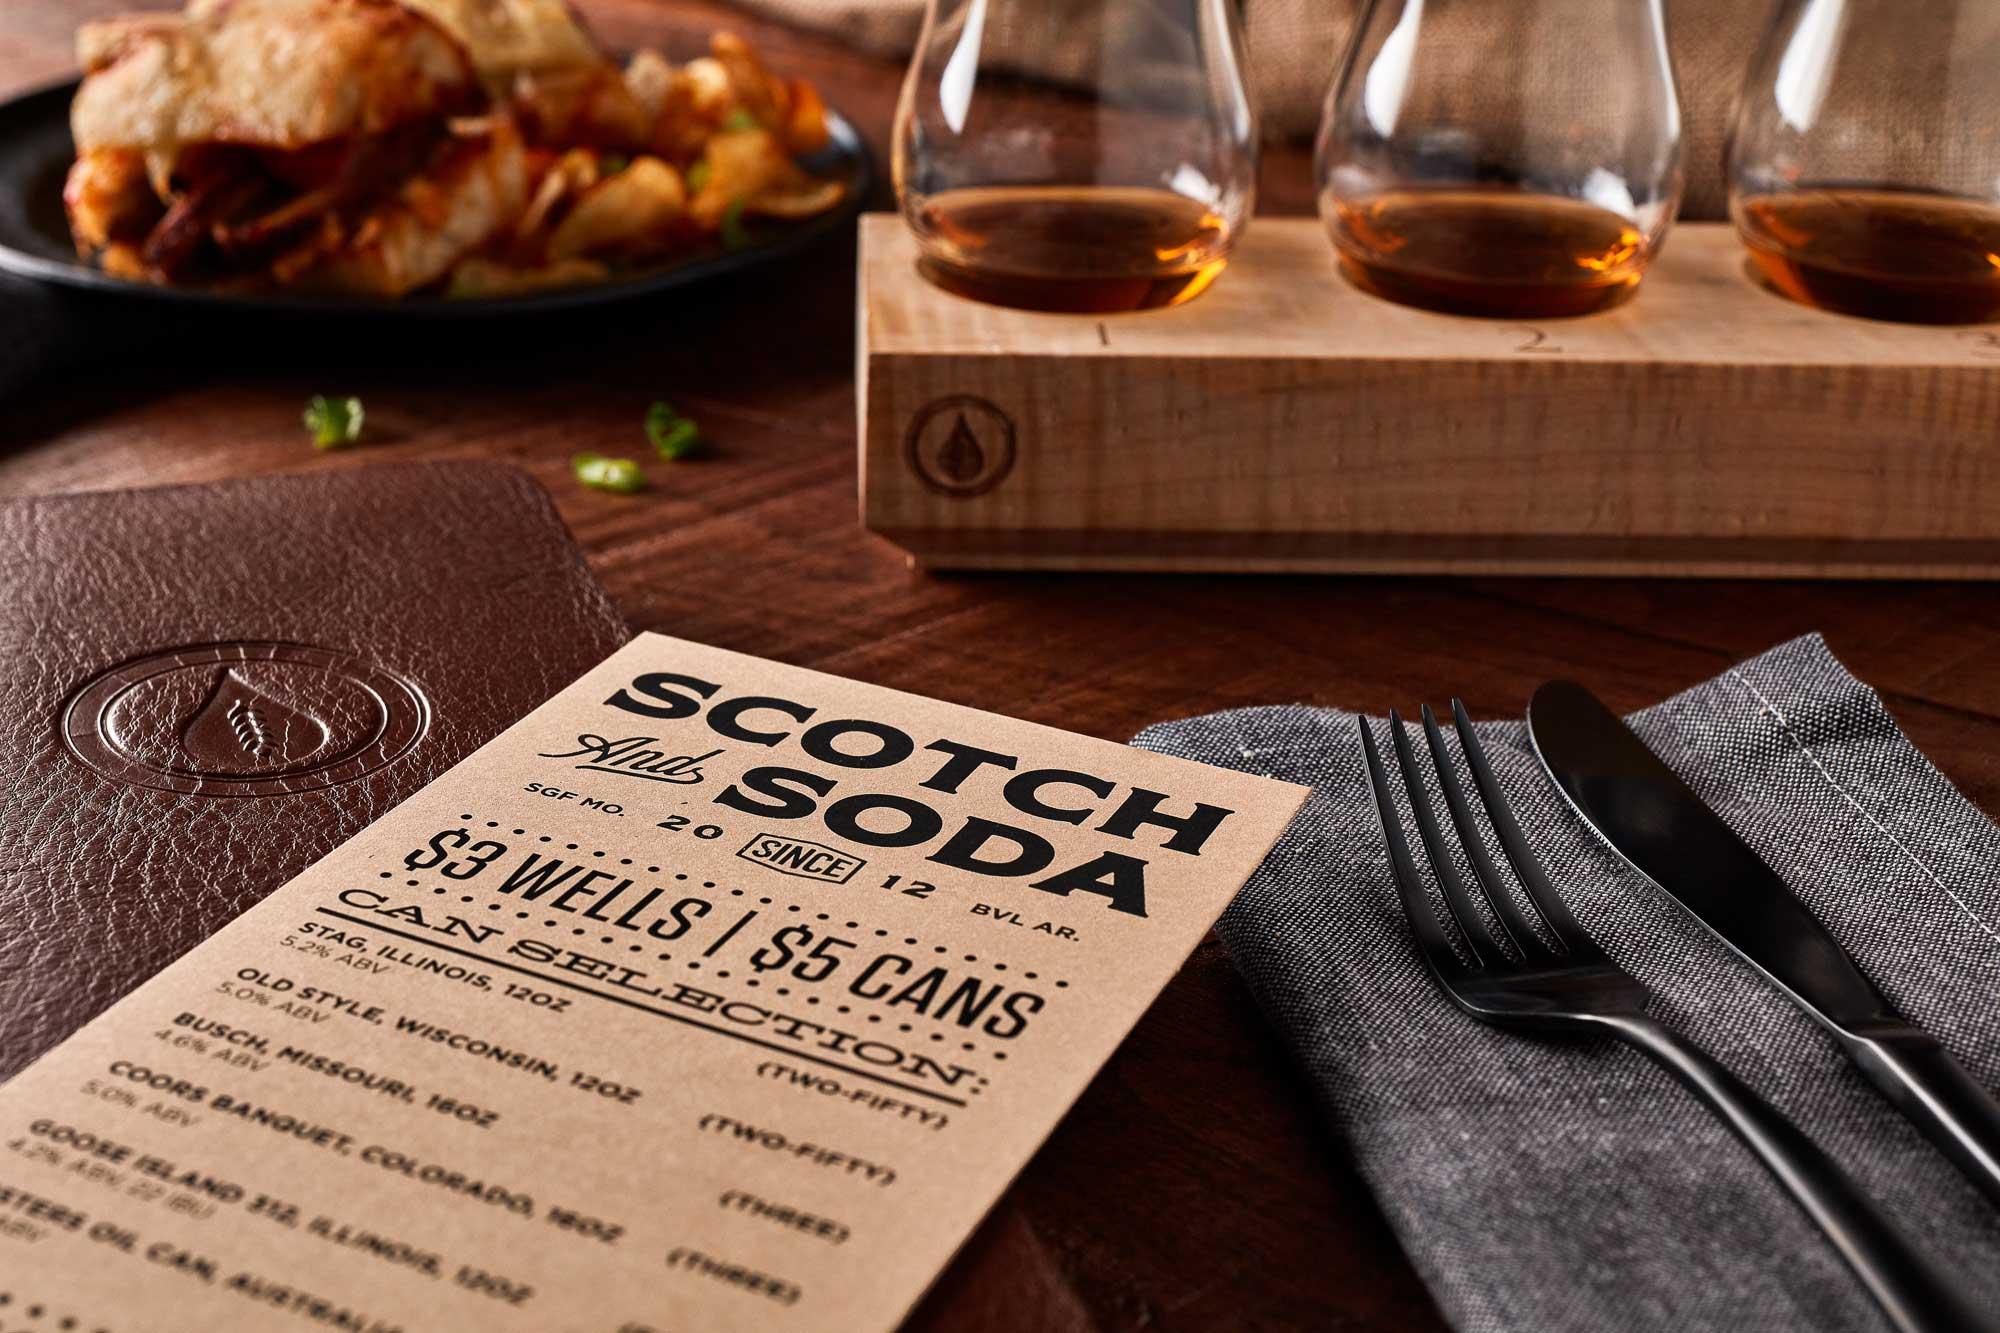 Bar Brand Design | Scotch & Soda | Fried Design Co.